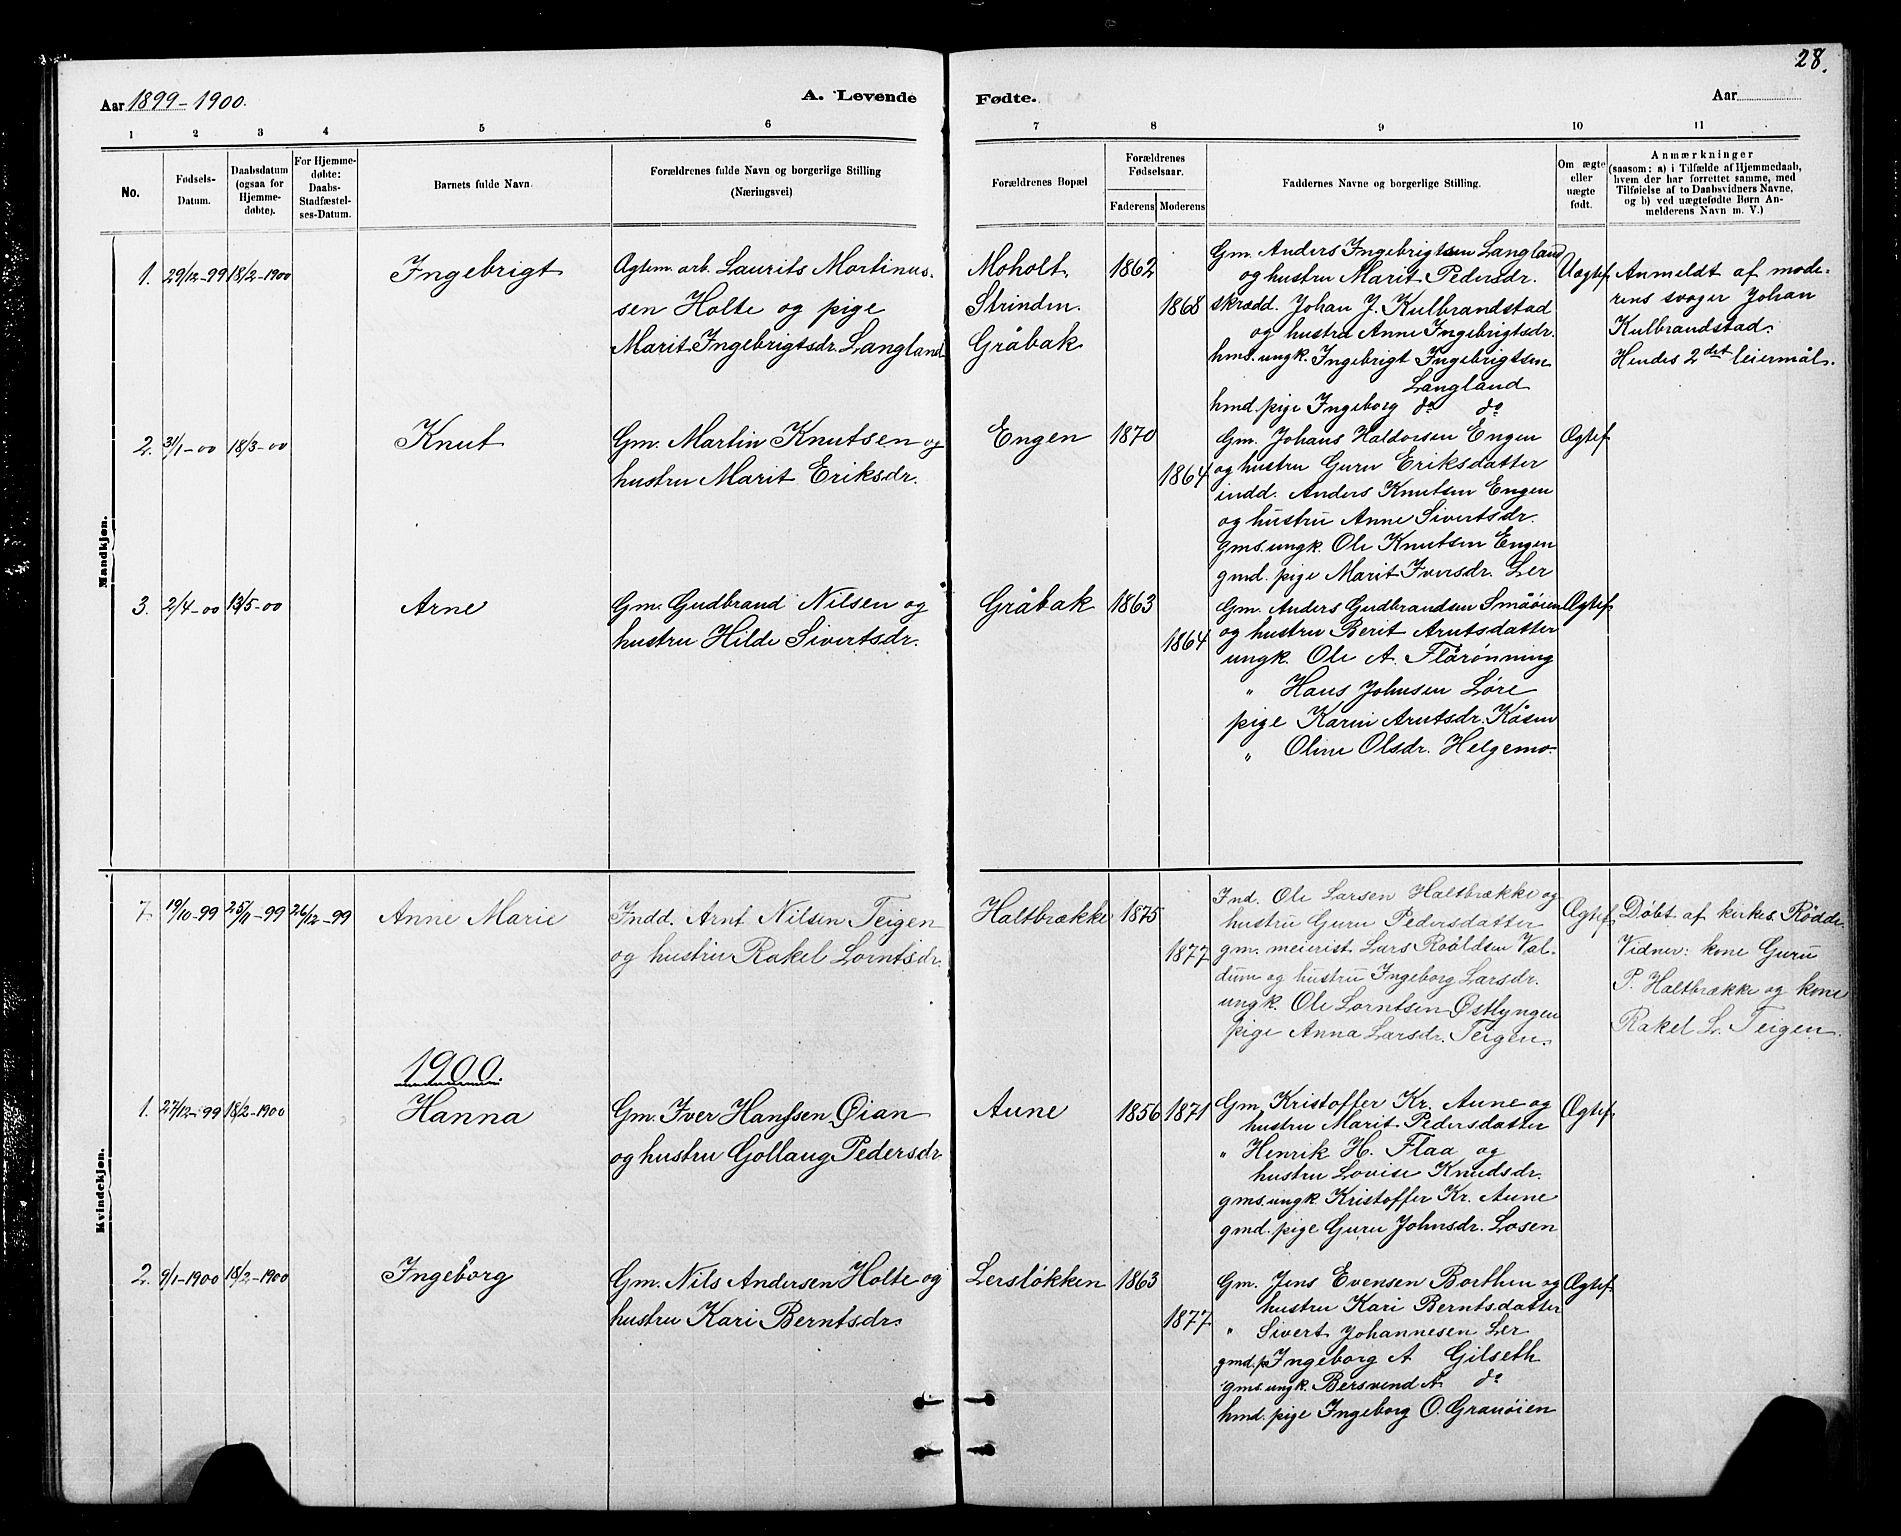 SAT, Ministerialprotokoller, klokkerbøker og fødselsregistre - Sør-Trøndelag, 693/L1123: Klokkerbok nr. 693C04, 1887-1910, s. 28